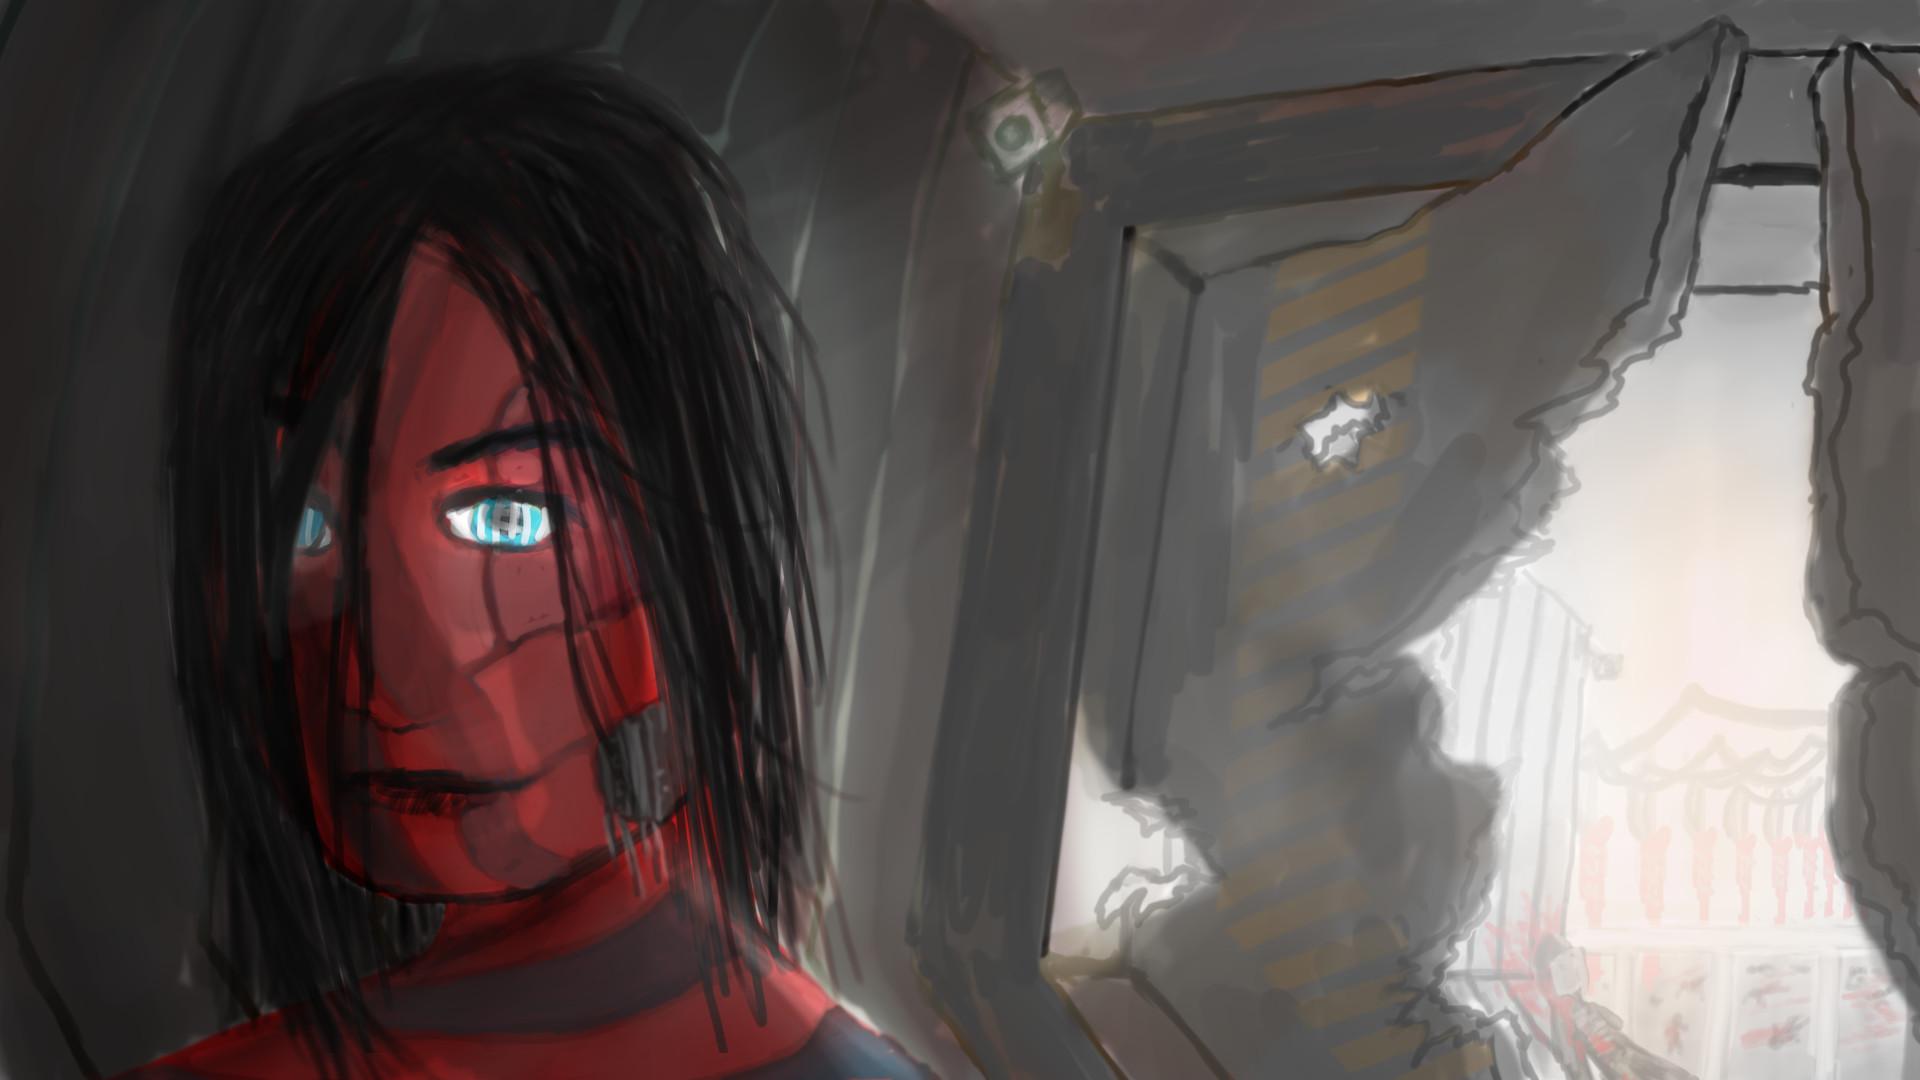 Alexander laheij the metal red woman brightbg